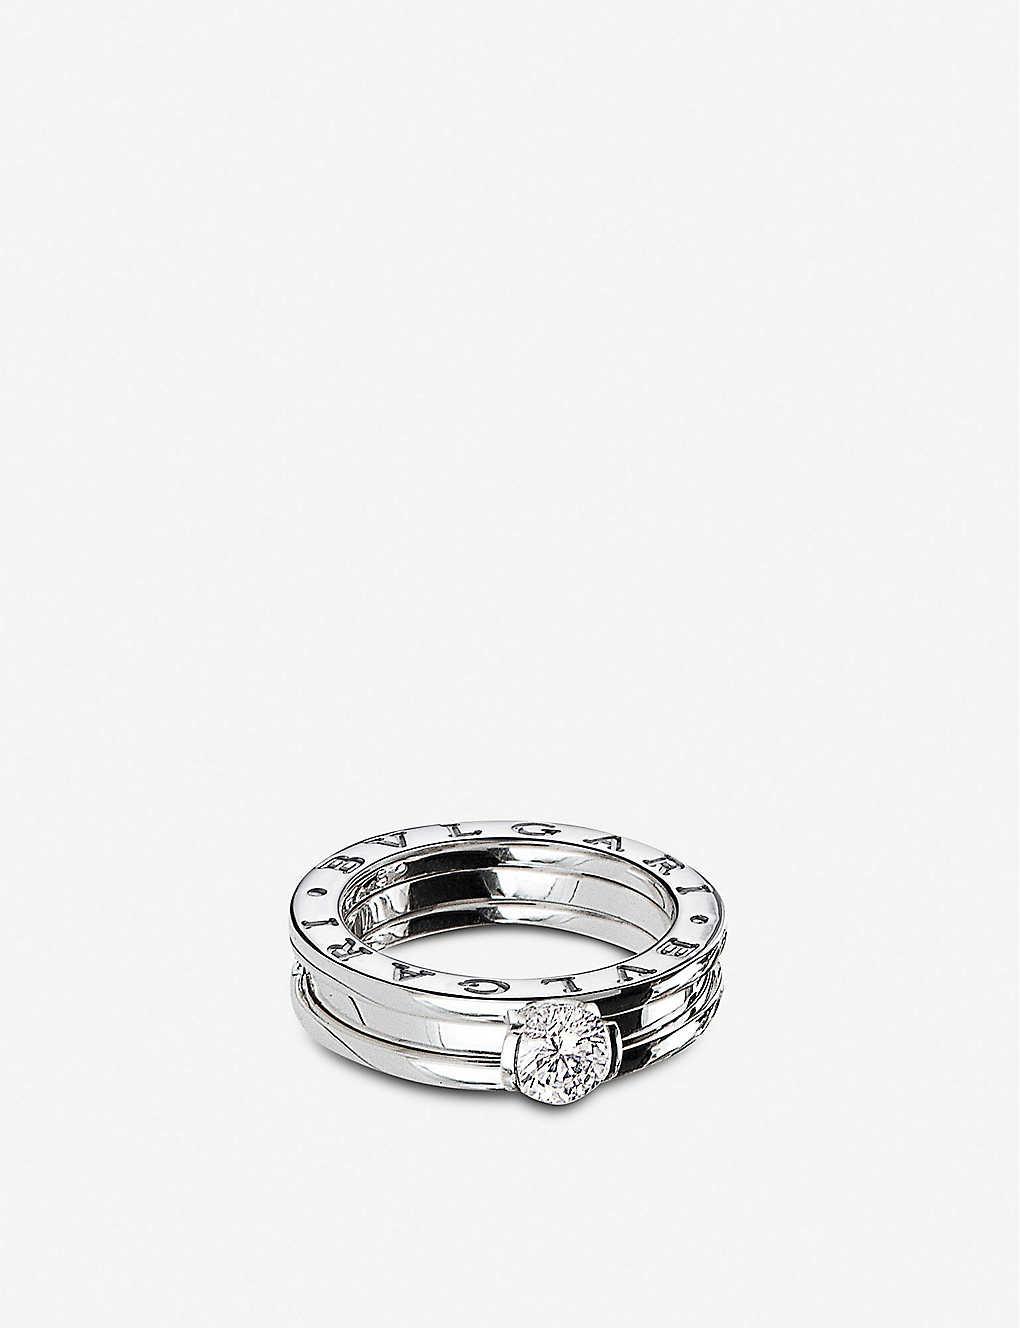 090d40006 BVLGARI - B.zero1 18ct white-gold and diamond solitaire ring ...